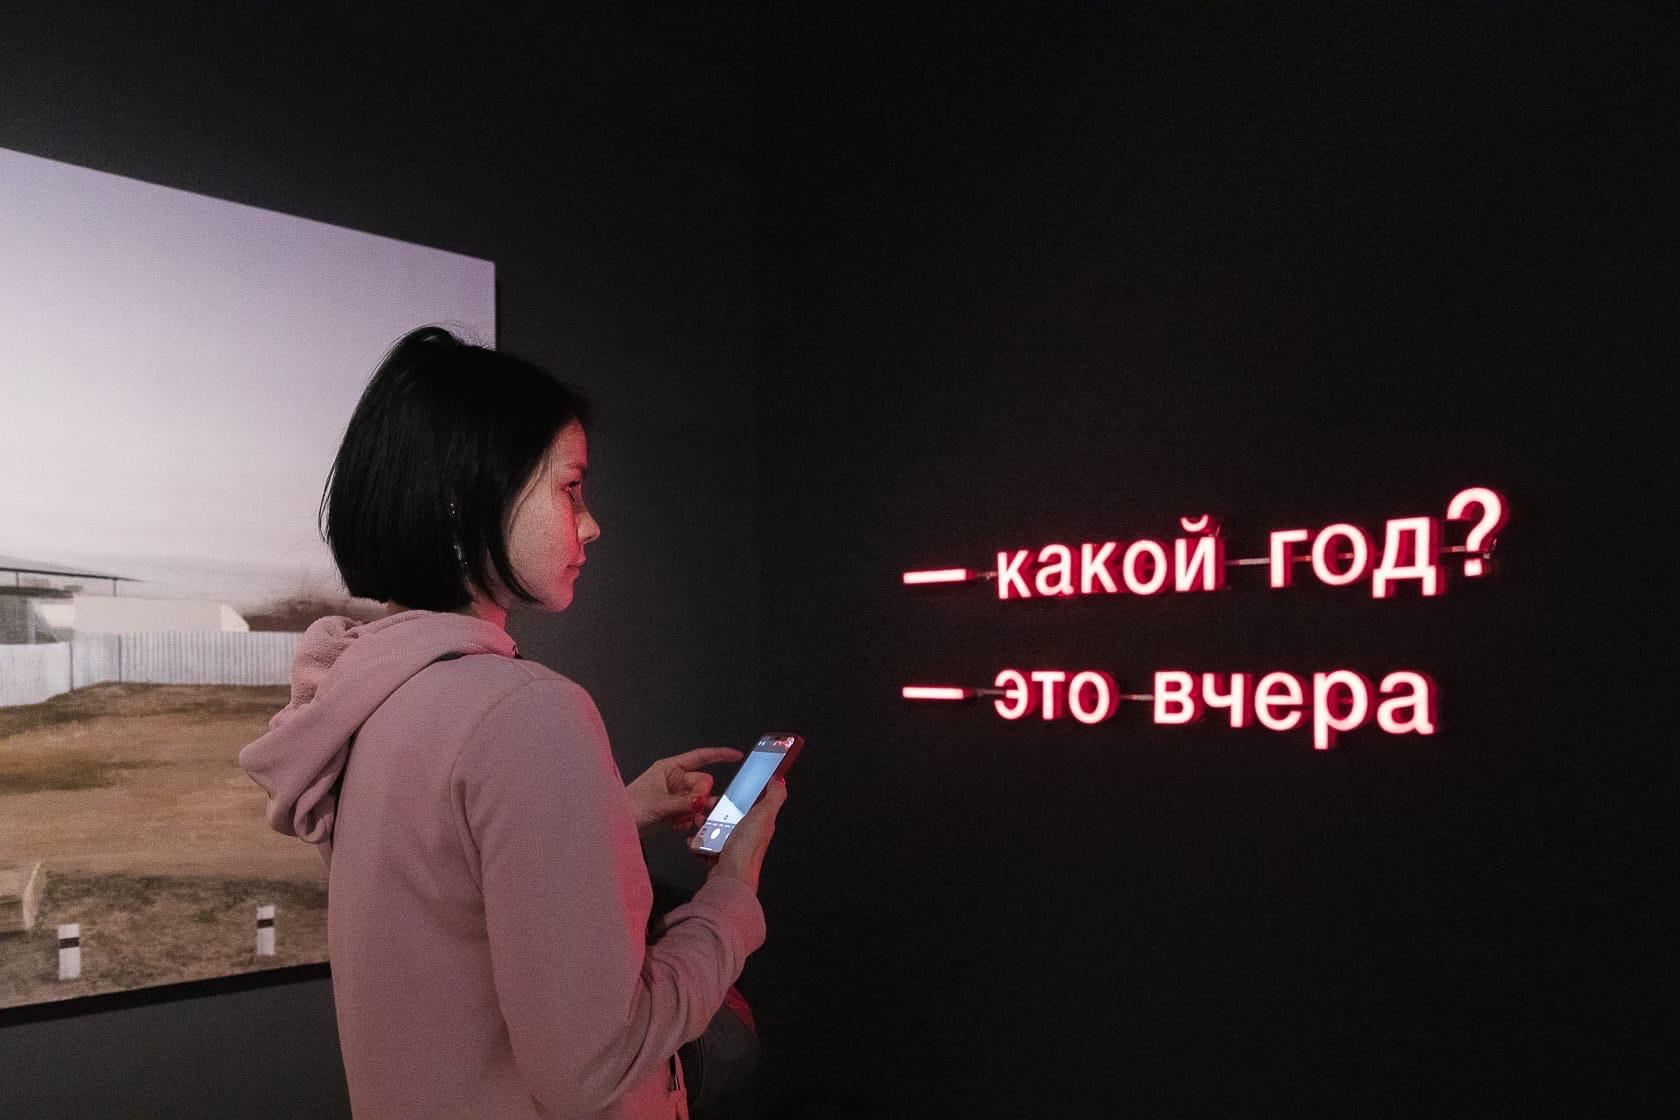 Комбобилеты снова в игре  Посетить выставку номинантов 2 Московской Арт Премии стало еще проще, особенно если вы давно хотели посмотреть один из наших фильмов или зайти в Подземный музей на новую выставку SOVRISK #напотоке.